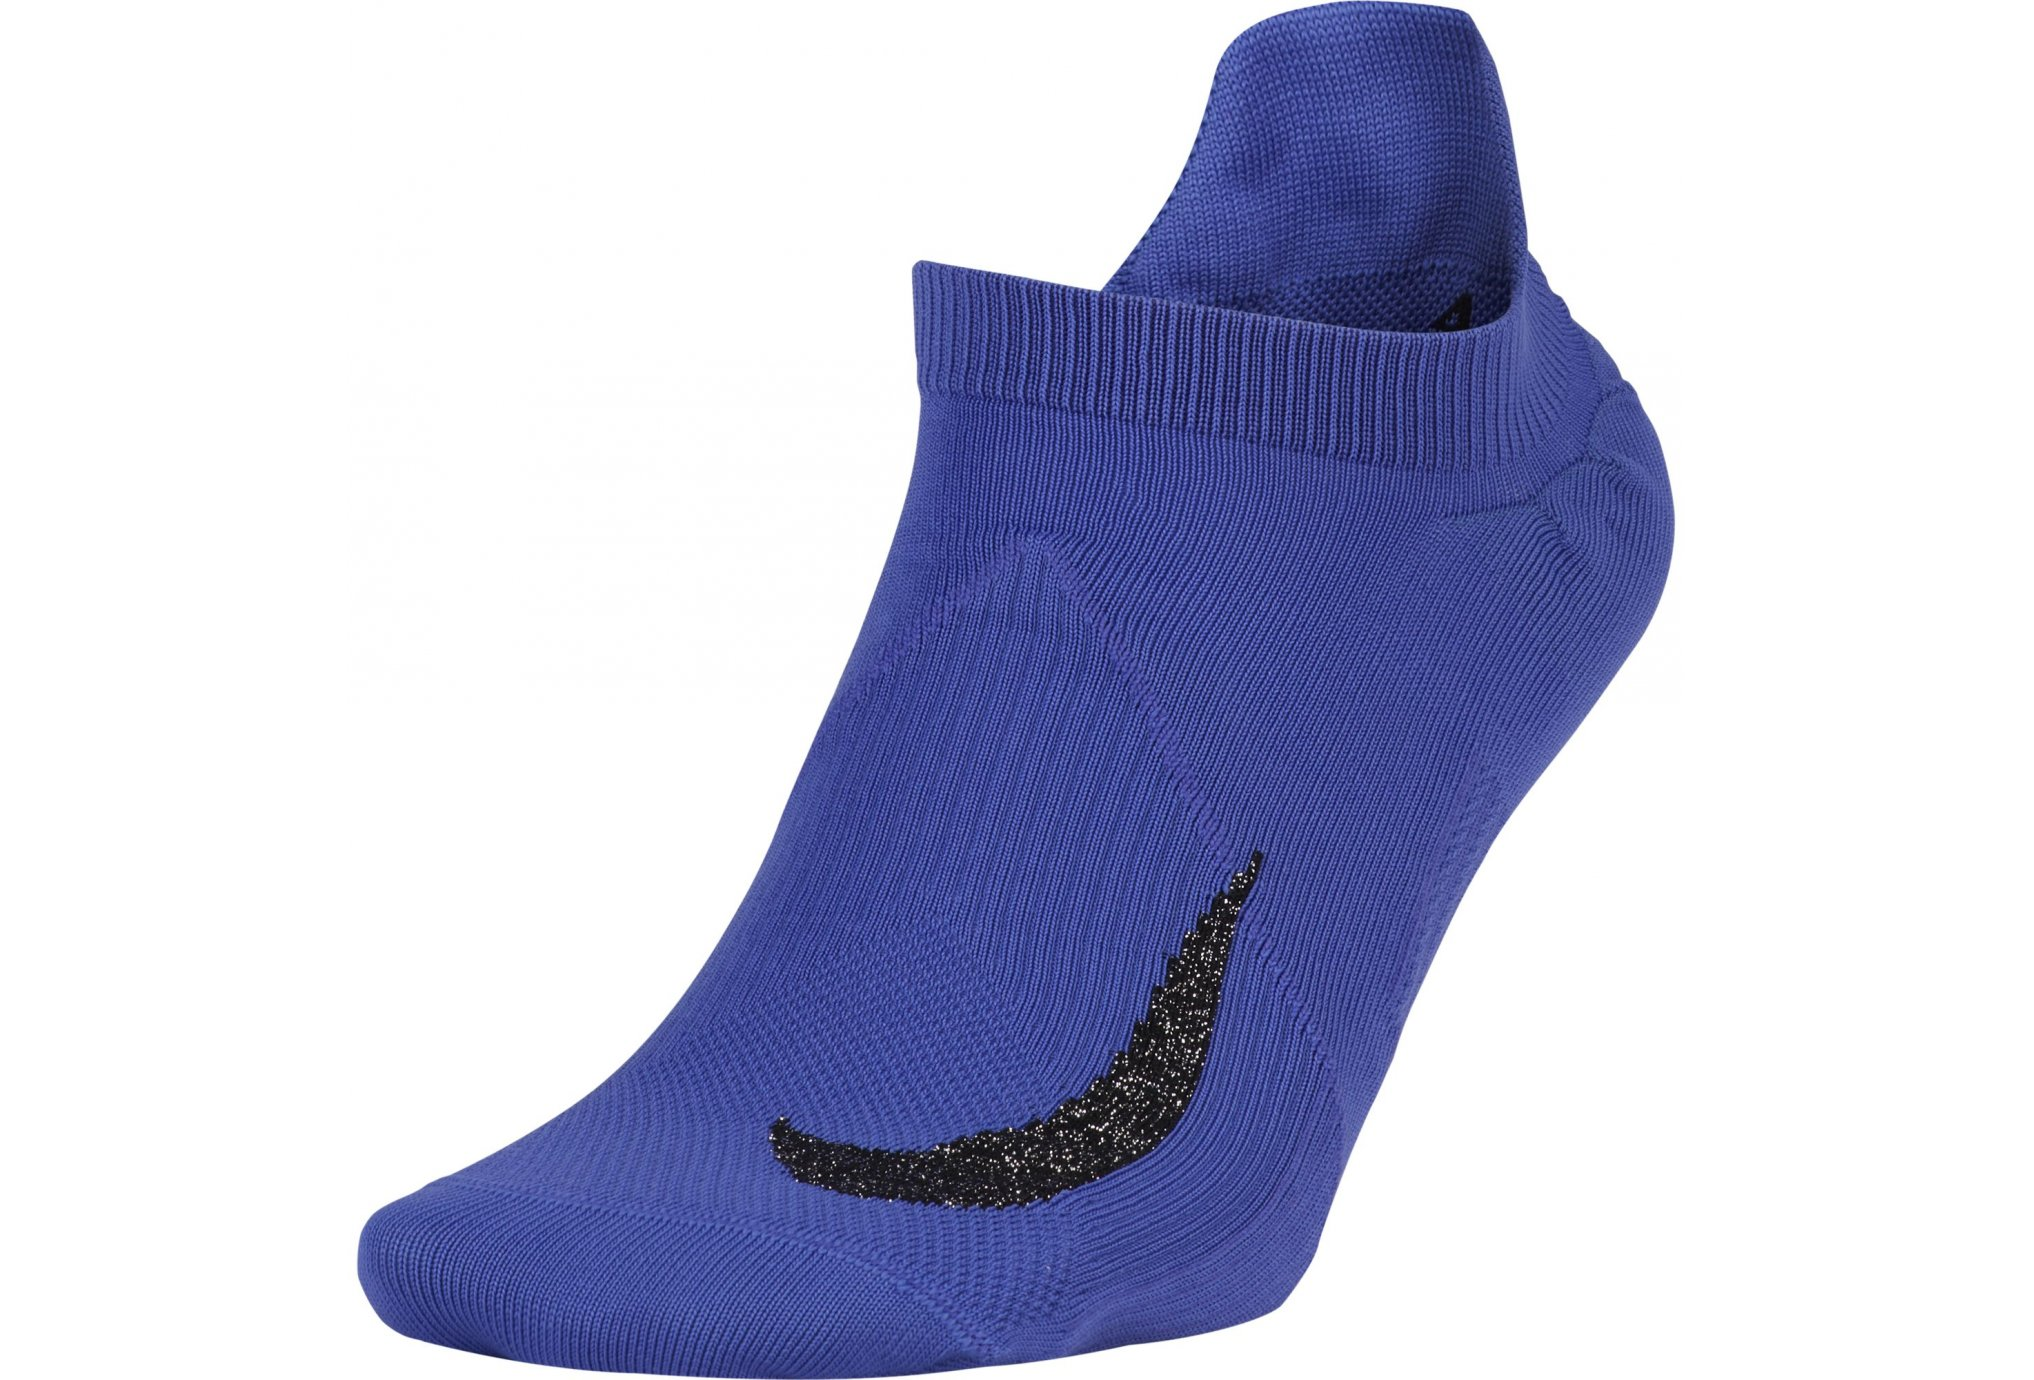 Nike Elite Lightweight No-Show Diététique Accessoires